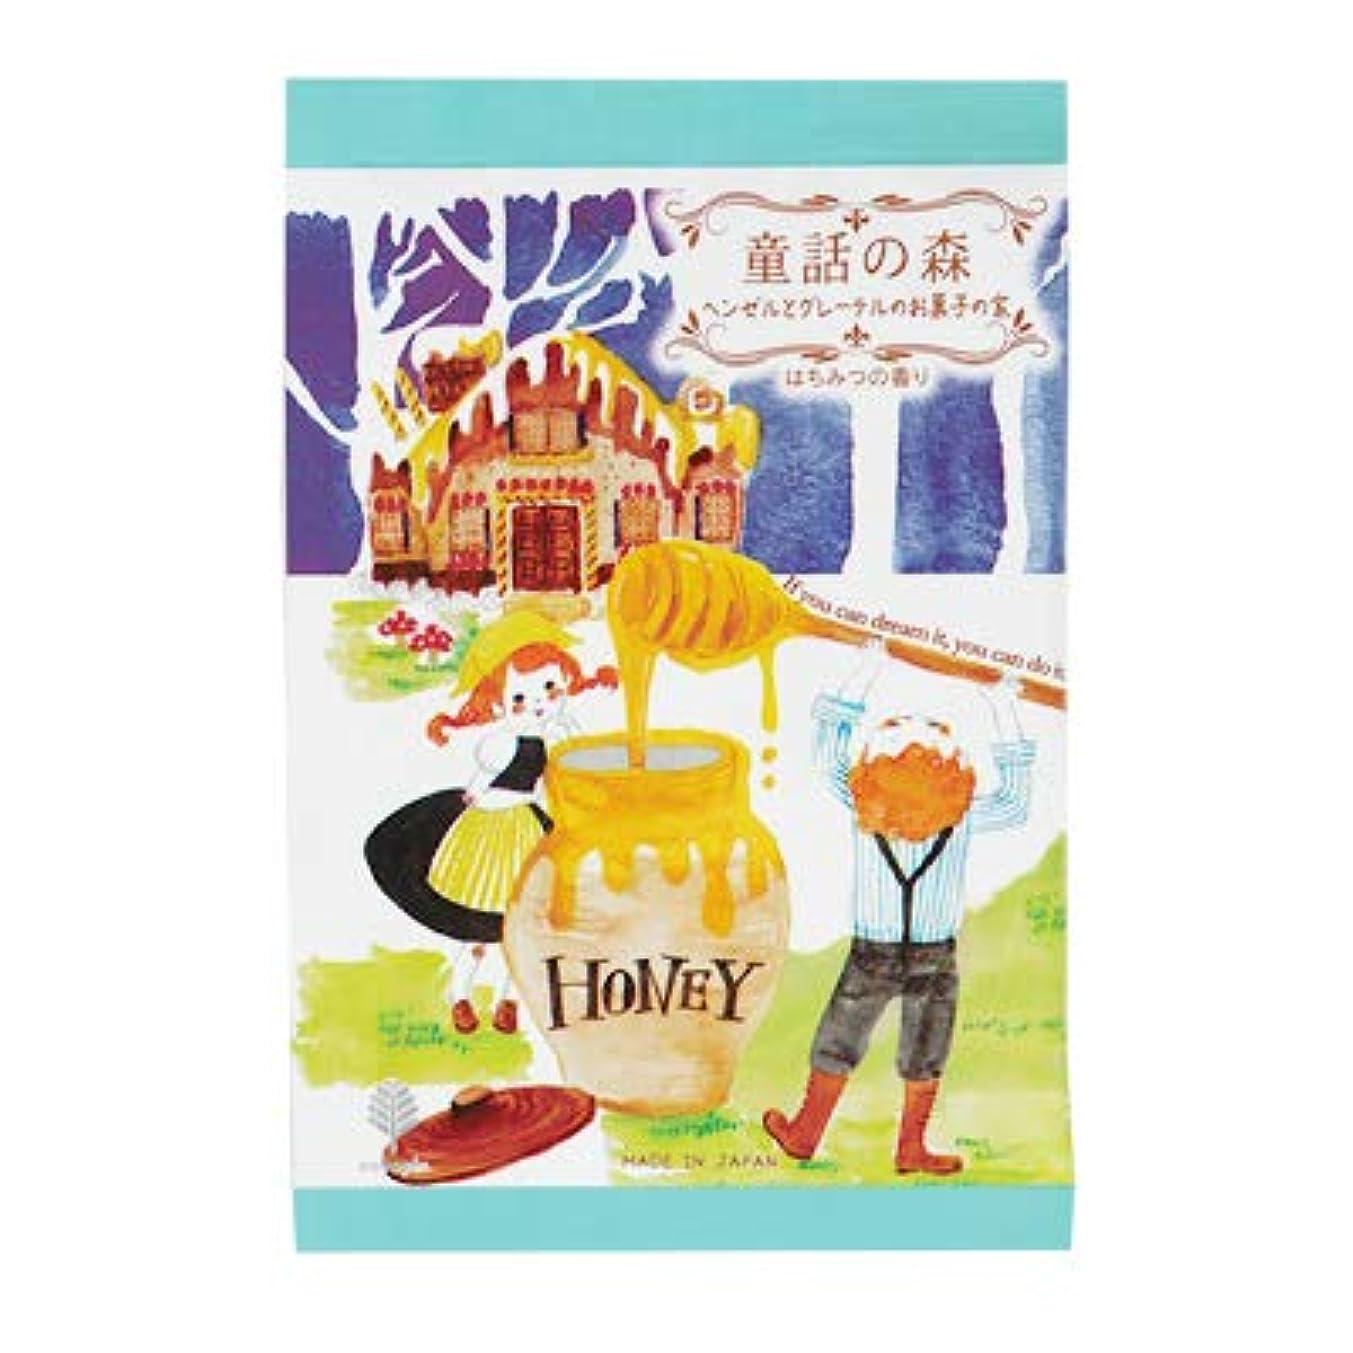 自然公園慈悲ジョブ【まとめ買い3個セット】 童話の森 ヘンゼルとグレーテルのお菓子の家